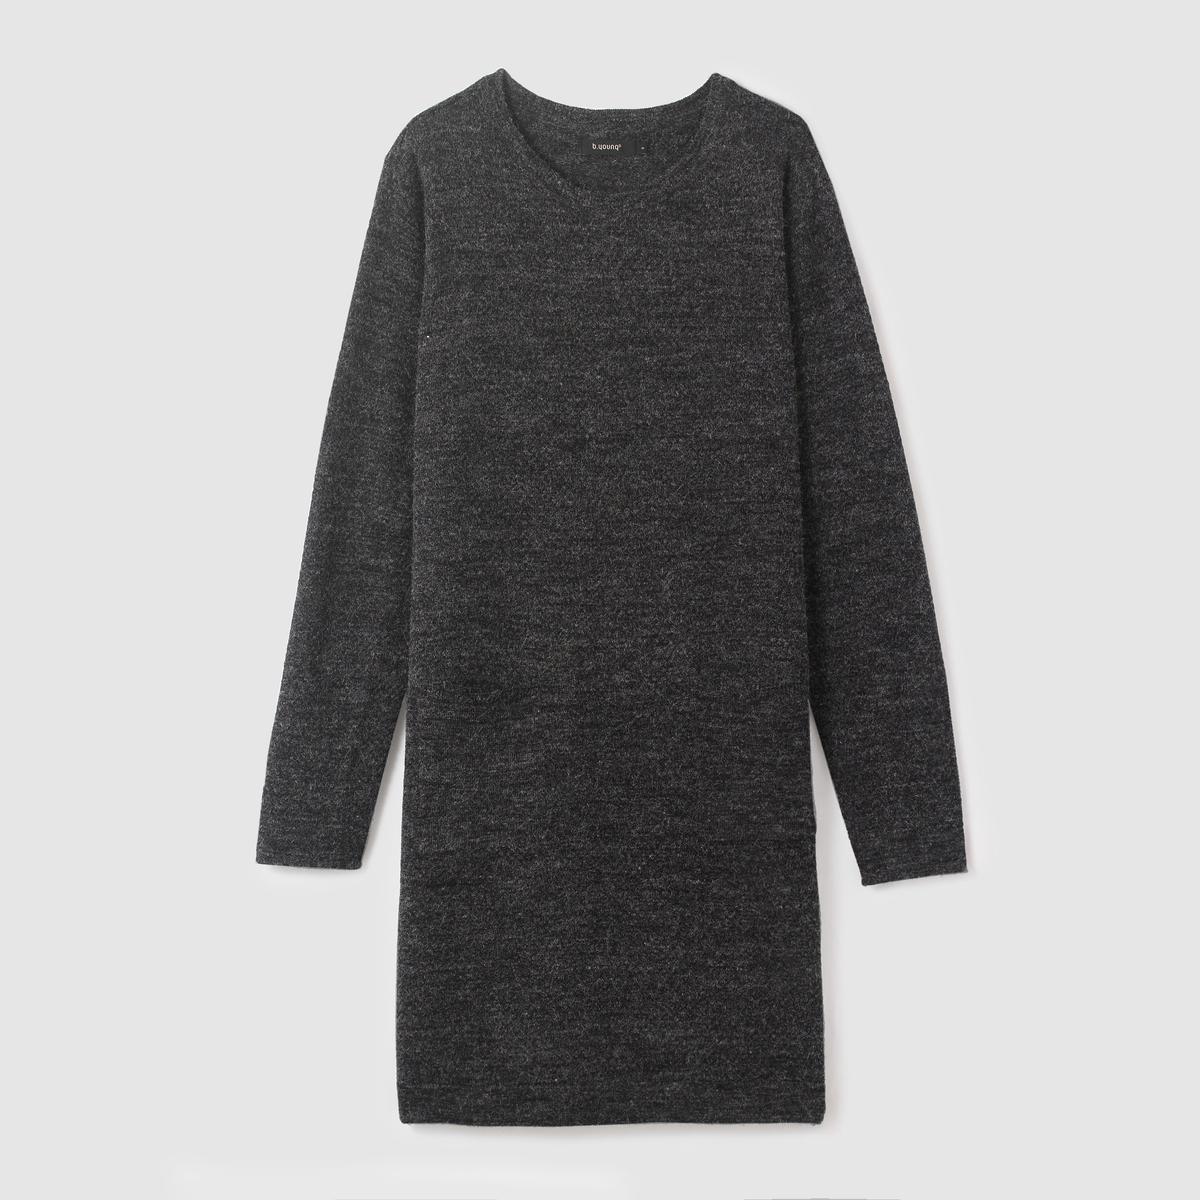 Платье-пуловер длинное OBAS DRESSПлатье-пуловер OBAS DRESS от B.YOUNG. Длинное платье-пуловер с меланжевым эффектом. Длинные рукава. Круглый вырез. Состав и описание :Материал : 80% акрила, 20% полиамидаМарка : B.YOUNG<br><br>Цвет: антрацит/меланж,бордовый<br>Размер: XS.XL.L.XS.M.S